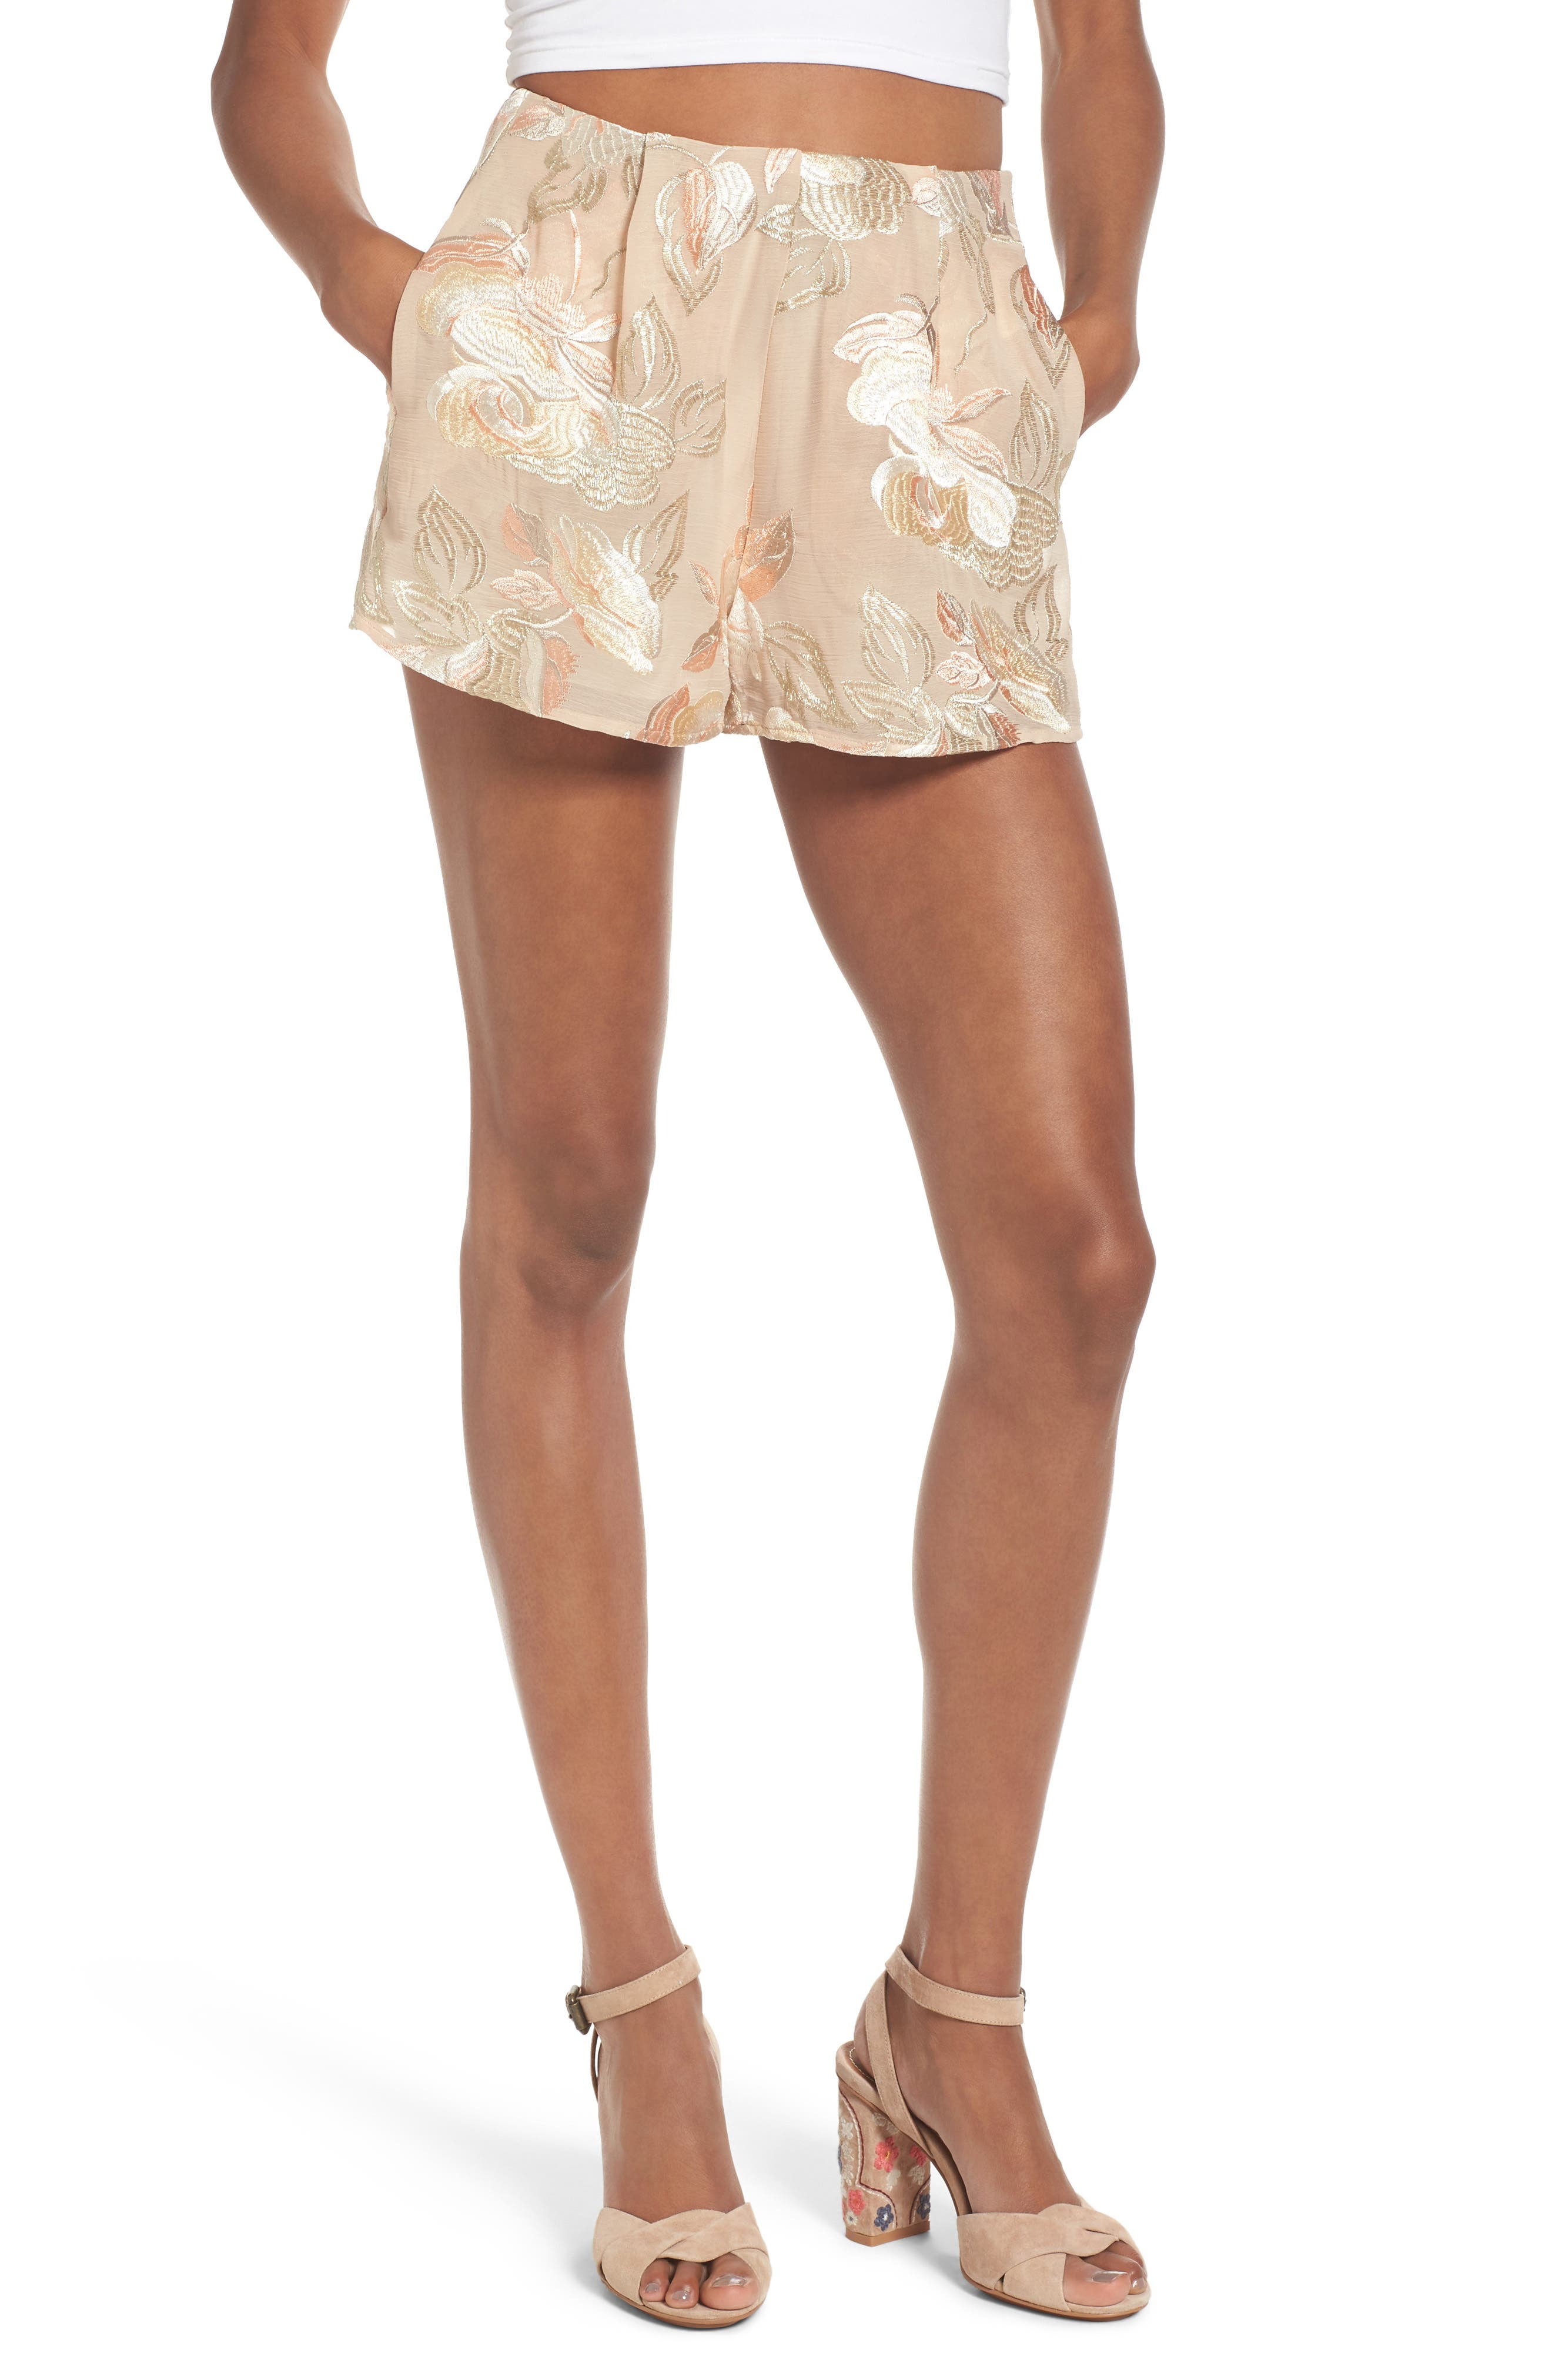 Sawyer High Waist Shorts,                             Main thumbnail 1, color,                             Very Fairy Floral